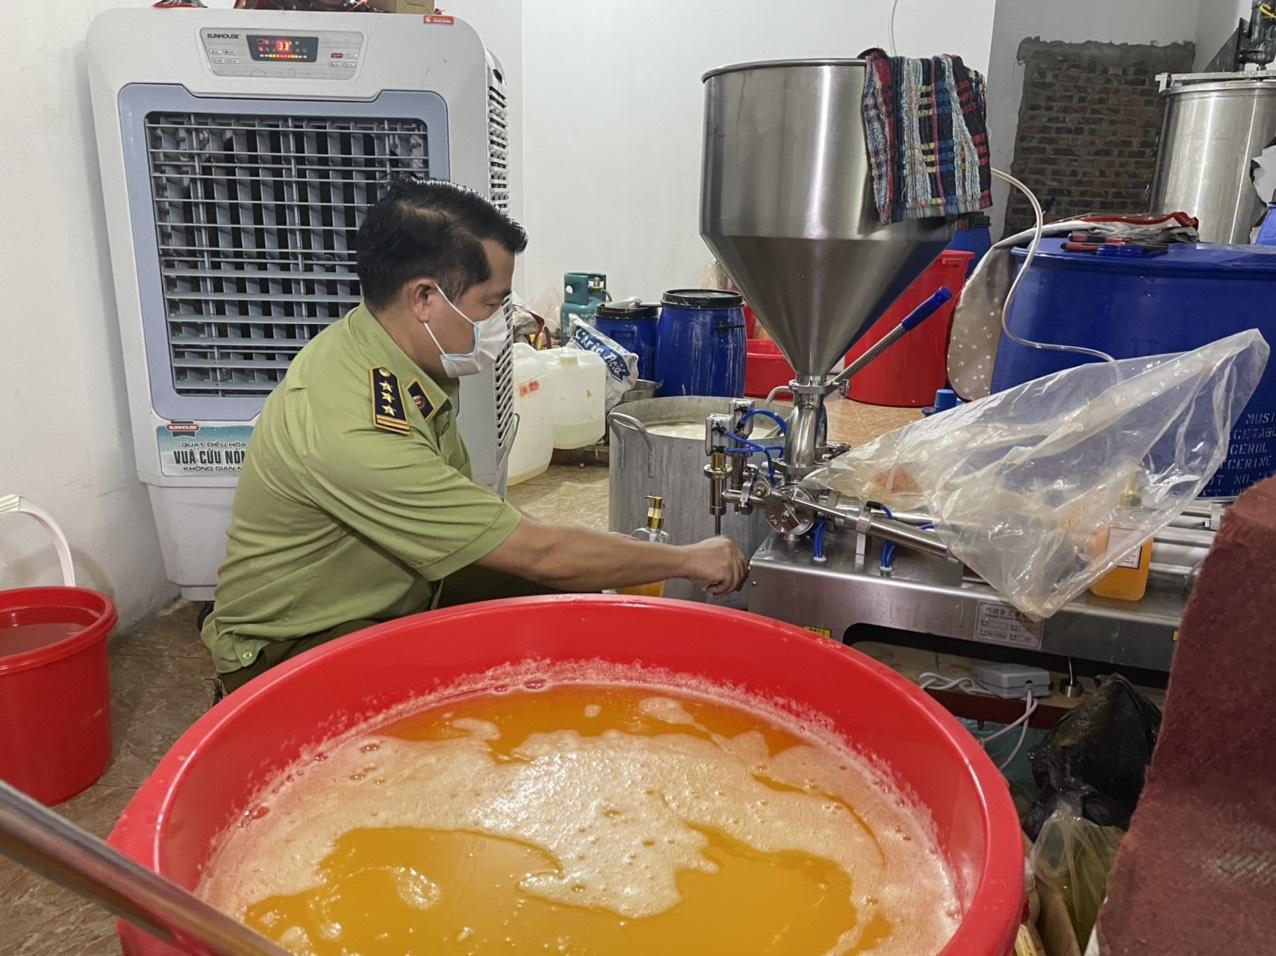 Hà Nội: Phát hiện một cơ sở sản xuất mỹ phẩm giả số lượng lớn